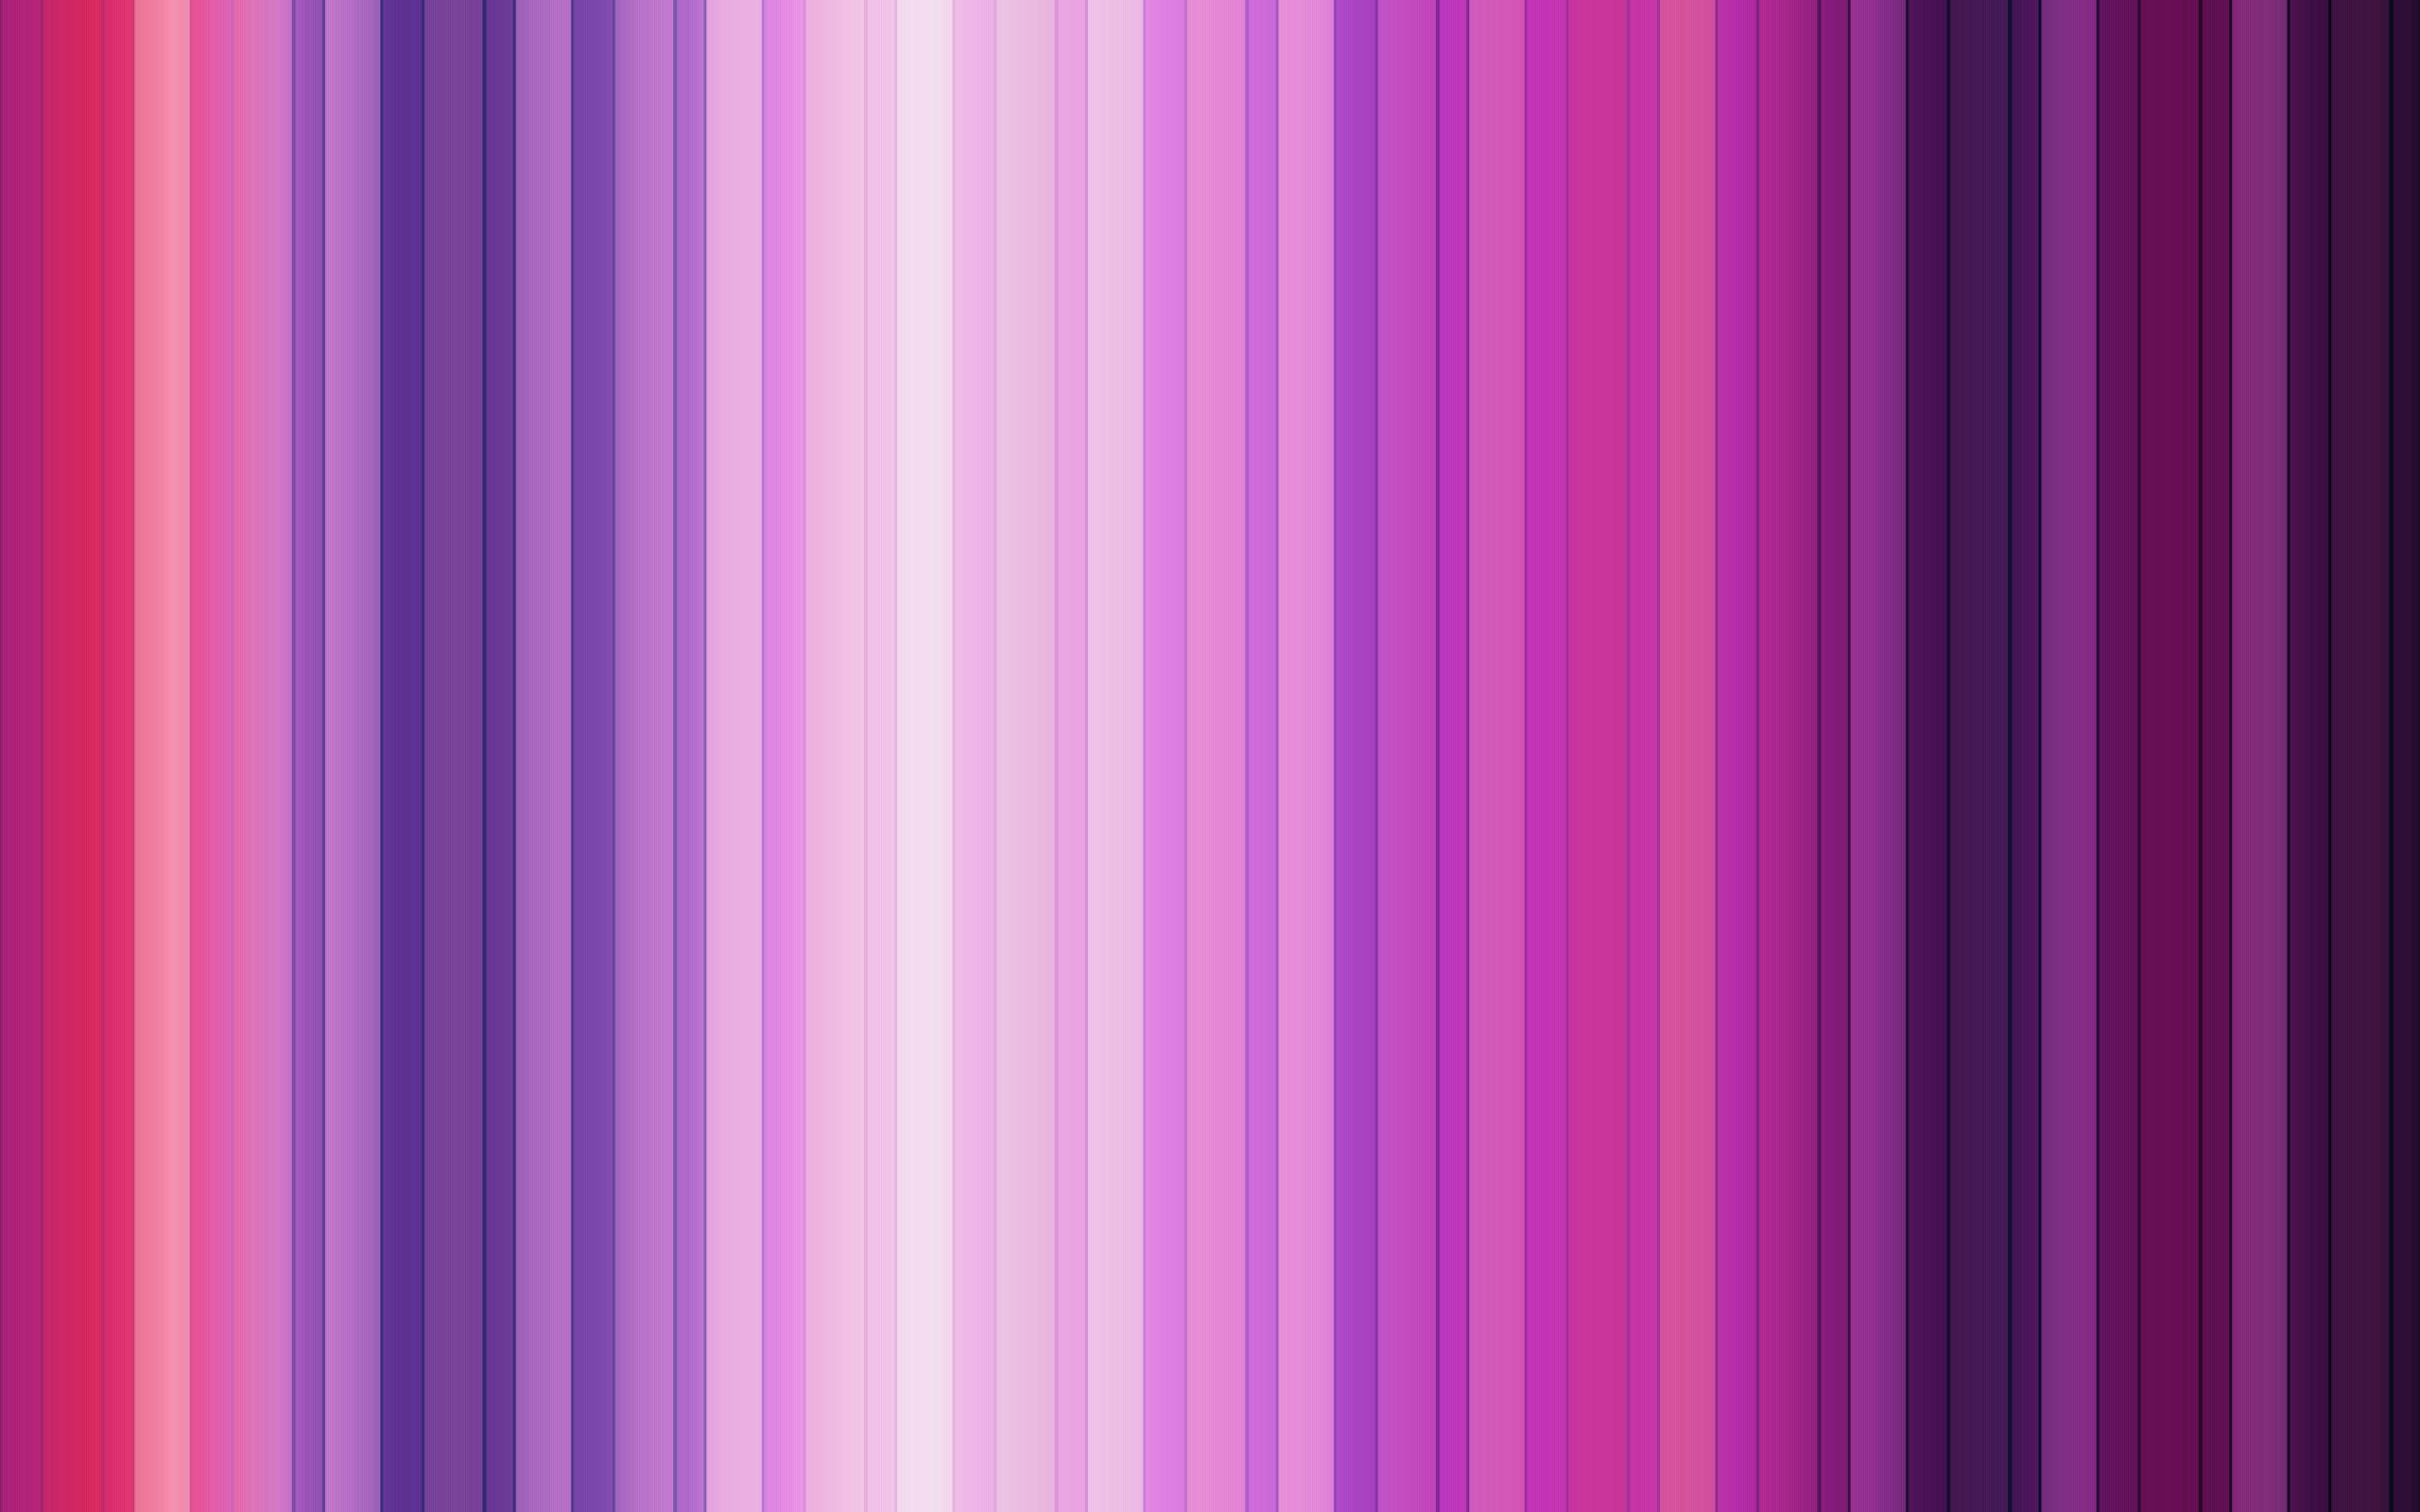 2048 by 1152 Pixels Wallpaper WallpaperSafari